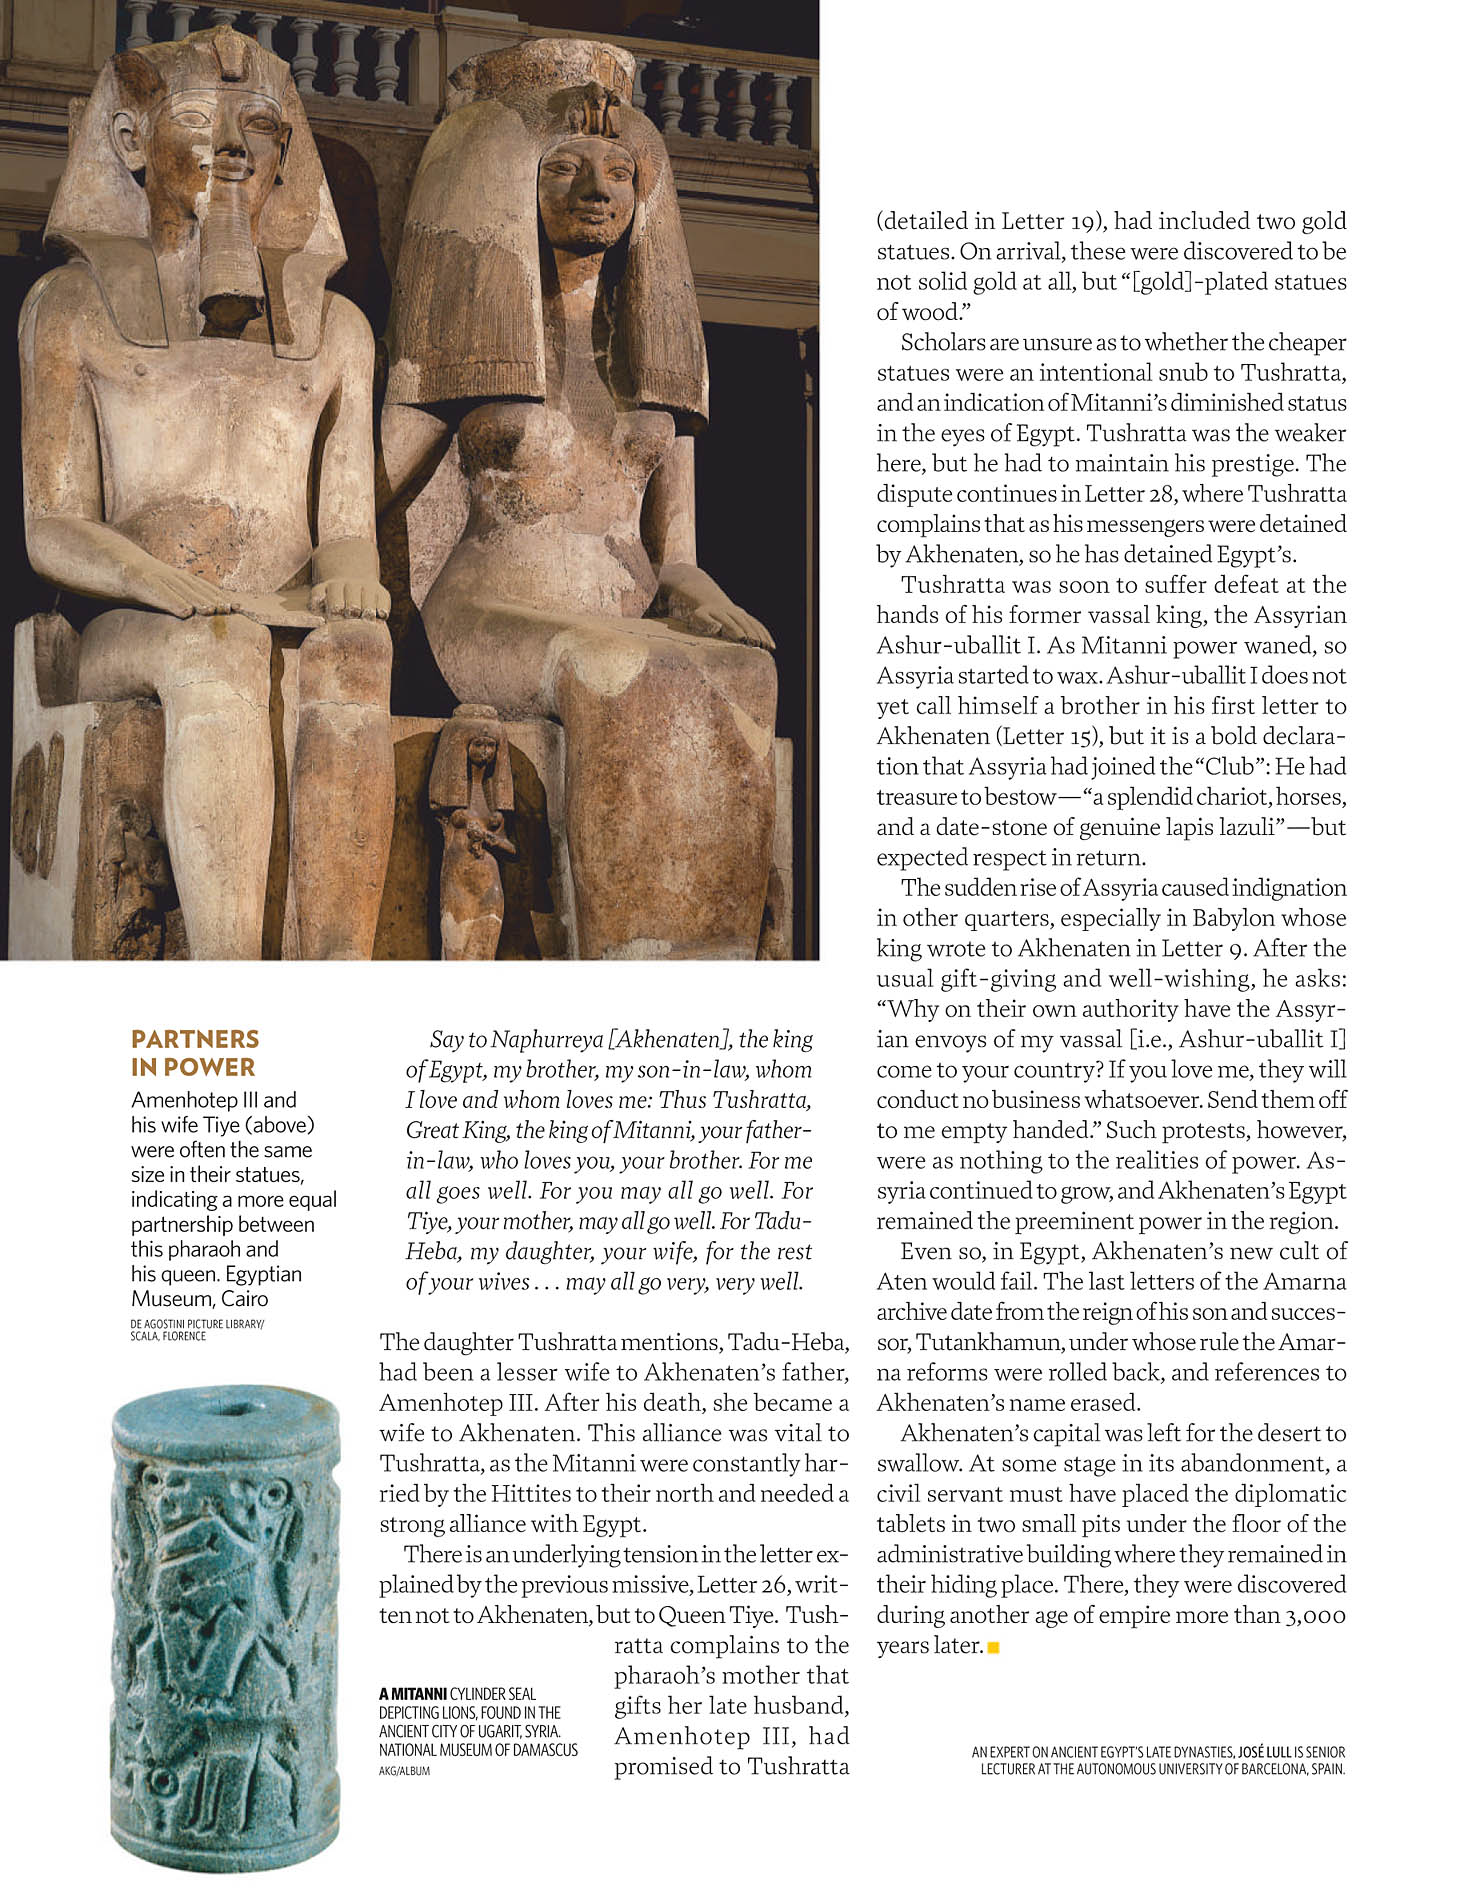 NG History 2020-11-12 Egypt 10.jpg